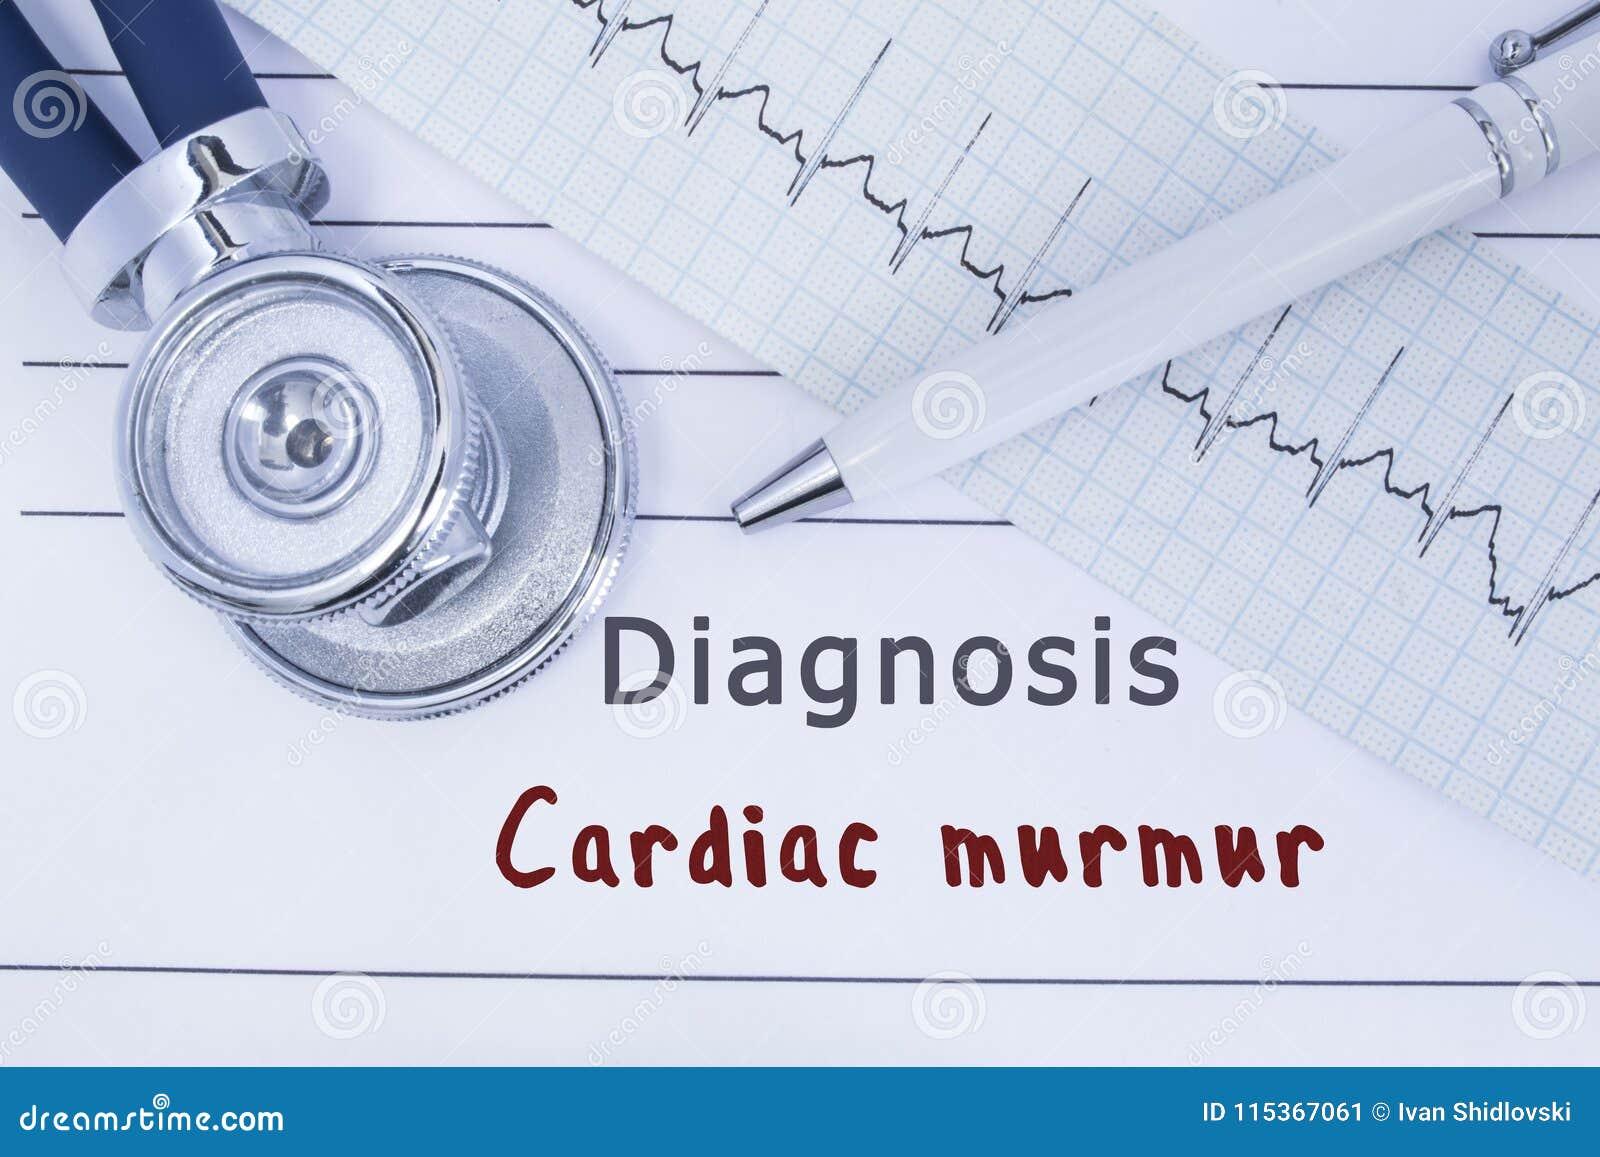 Ропот диагноза сердечный Стетоскоп или phonendoscope вместе с типом лож ECG на истории болезни с диагнозом Cardi названия